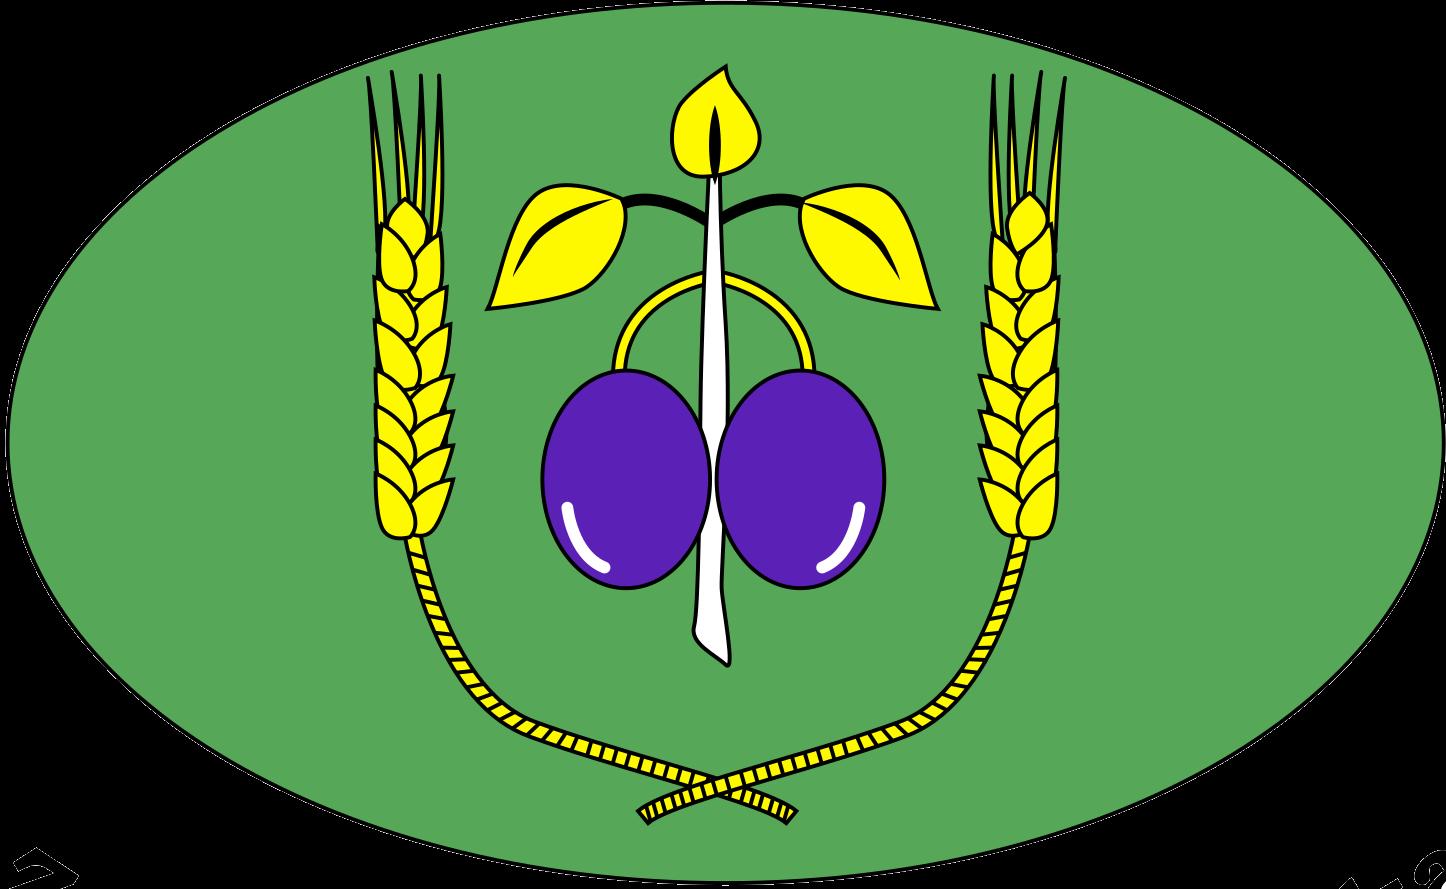 Mikroregión Bošáčka